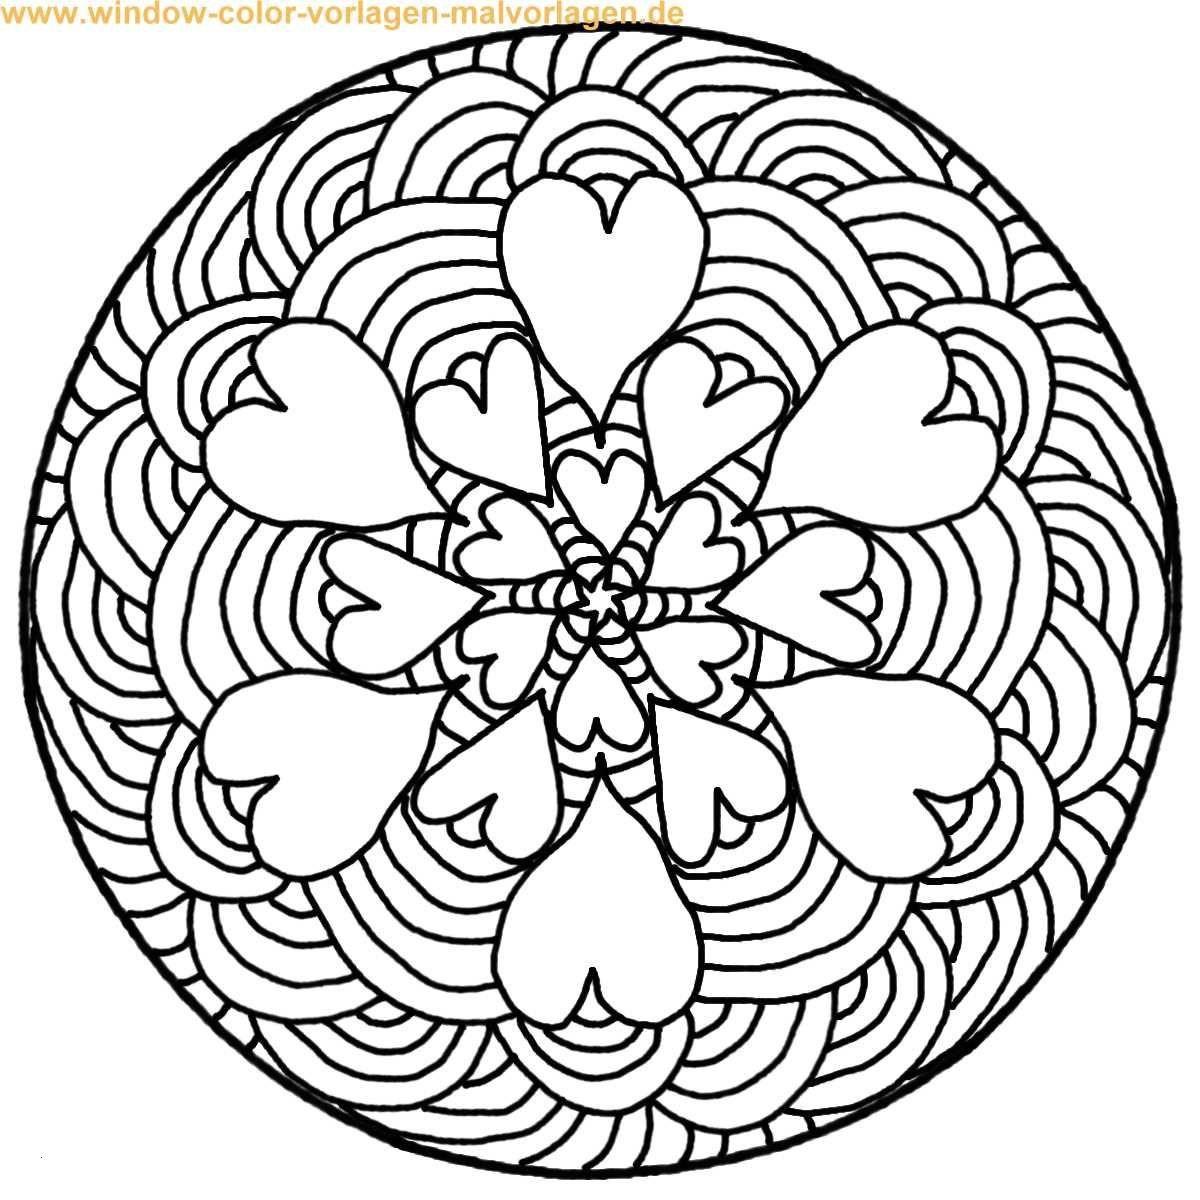 Malvorlage Blumen ornamente Einzigartig 38 Malvorlagen ornamente Scoredatscore Luxus Malvorlagen Mandala Galerie